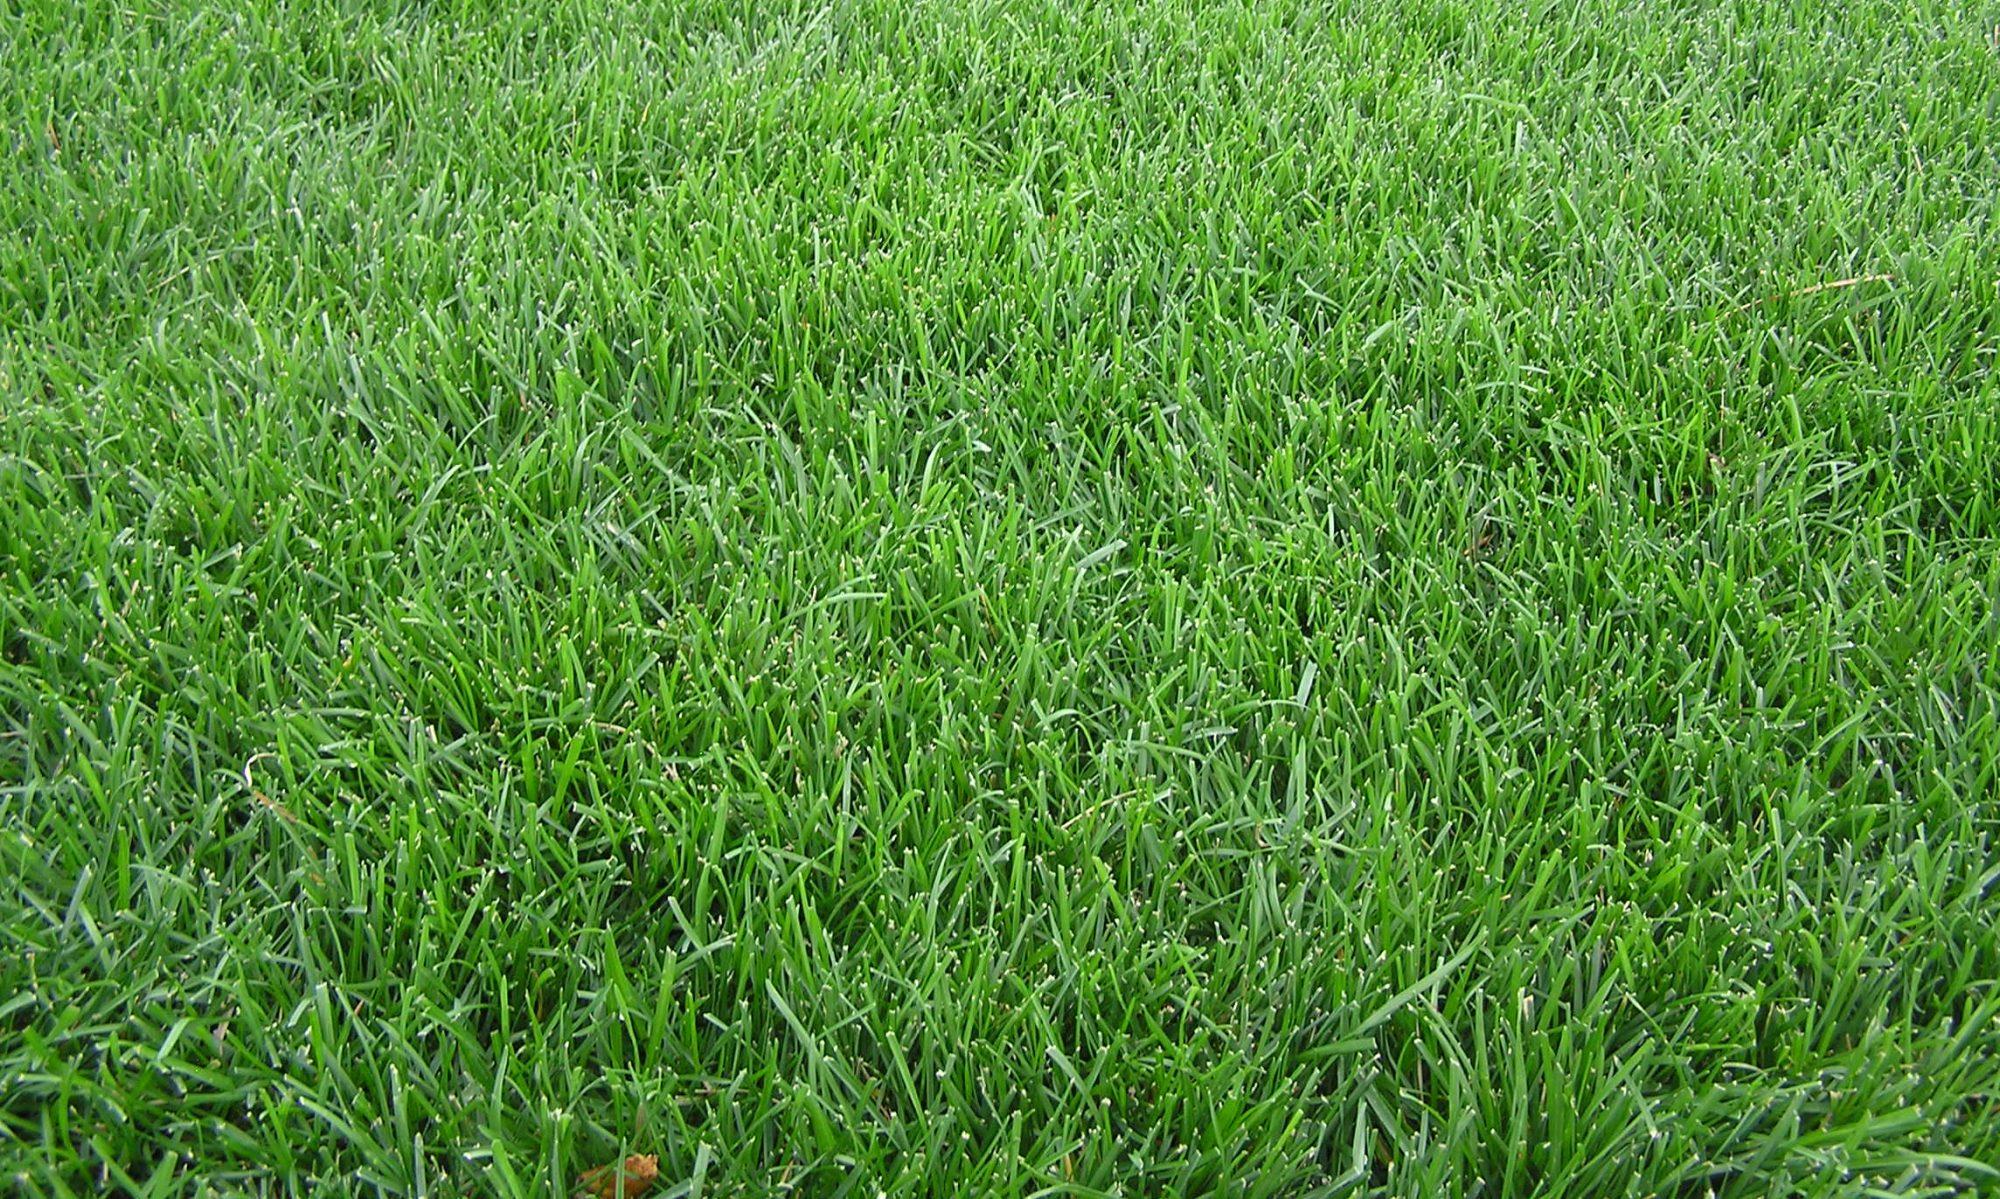 Hill's Lawn & Landscape